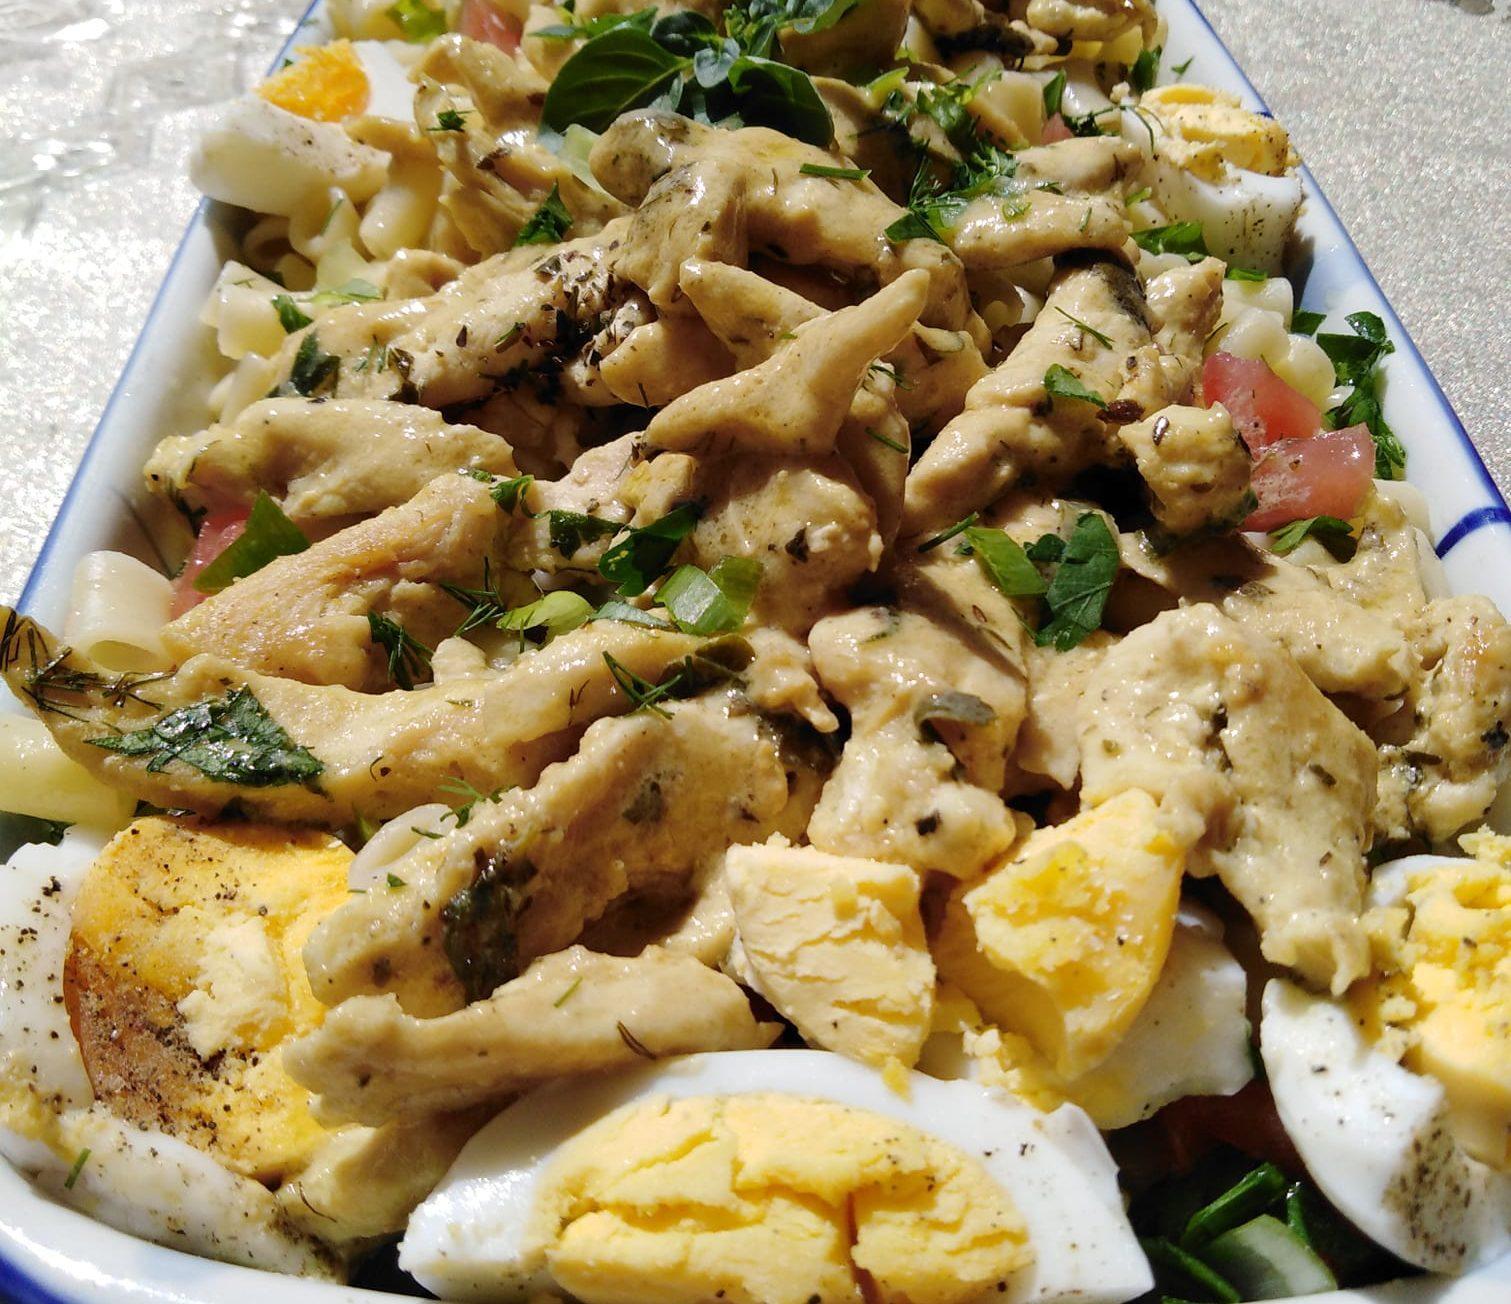 Μακαρονοσαλάτα με κοφτό μακαρονάκι κοτόπουλο και αυγά